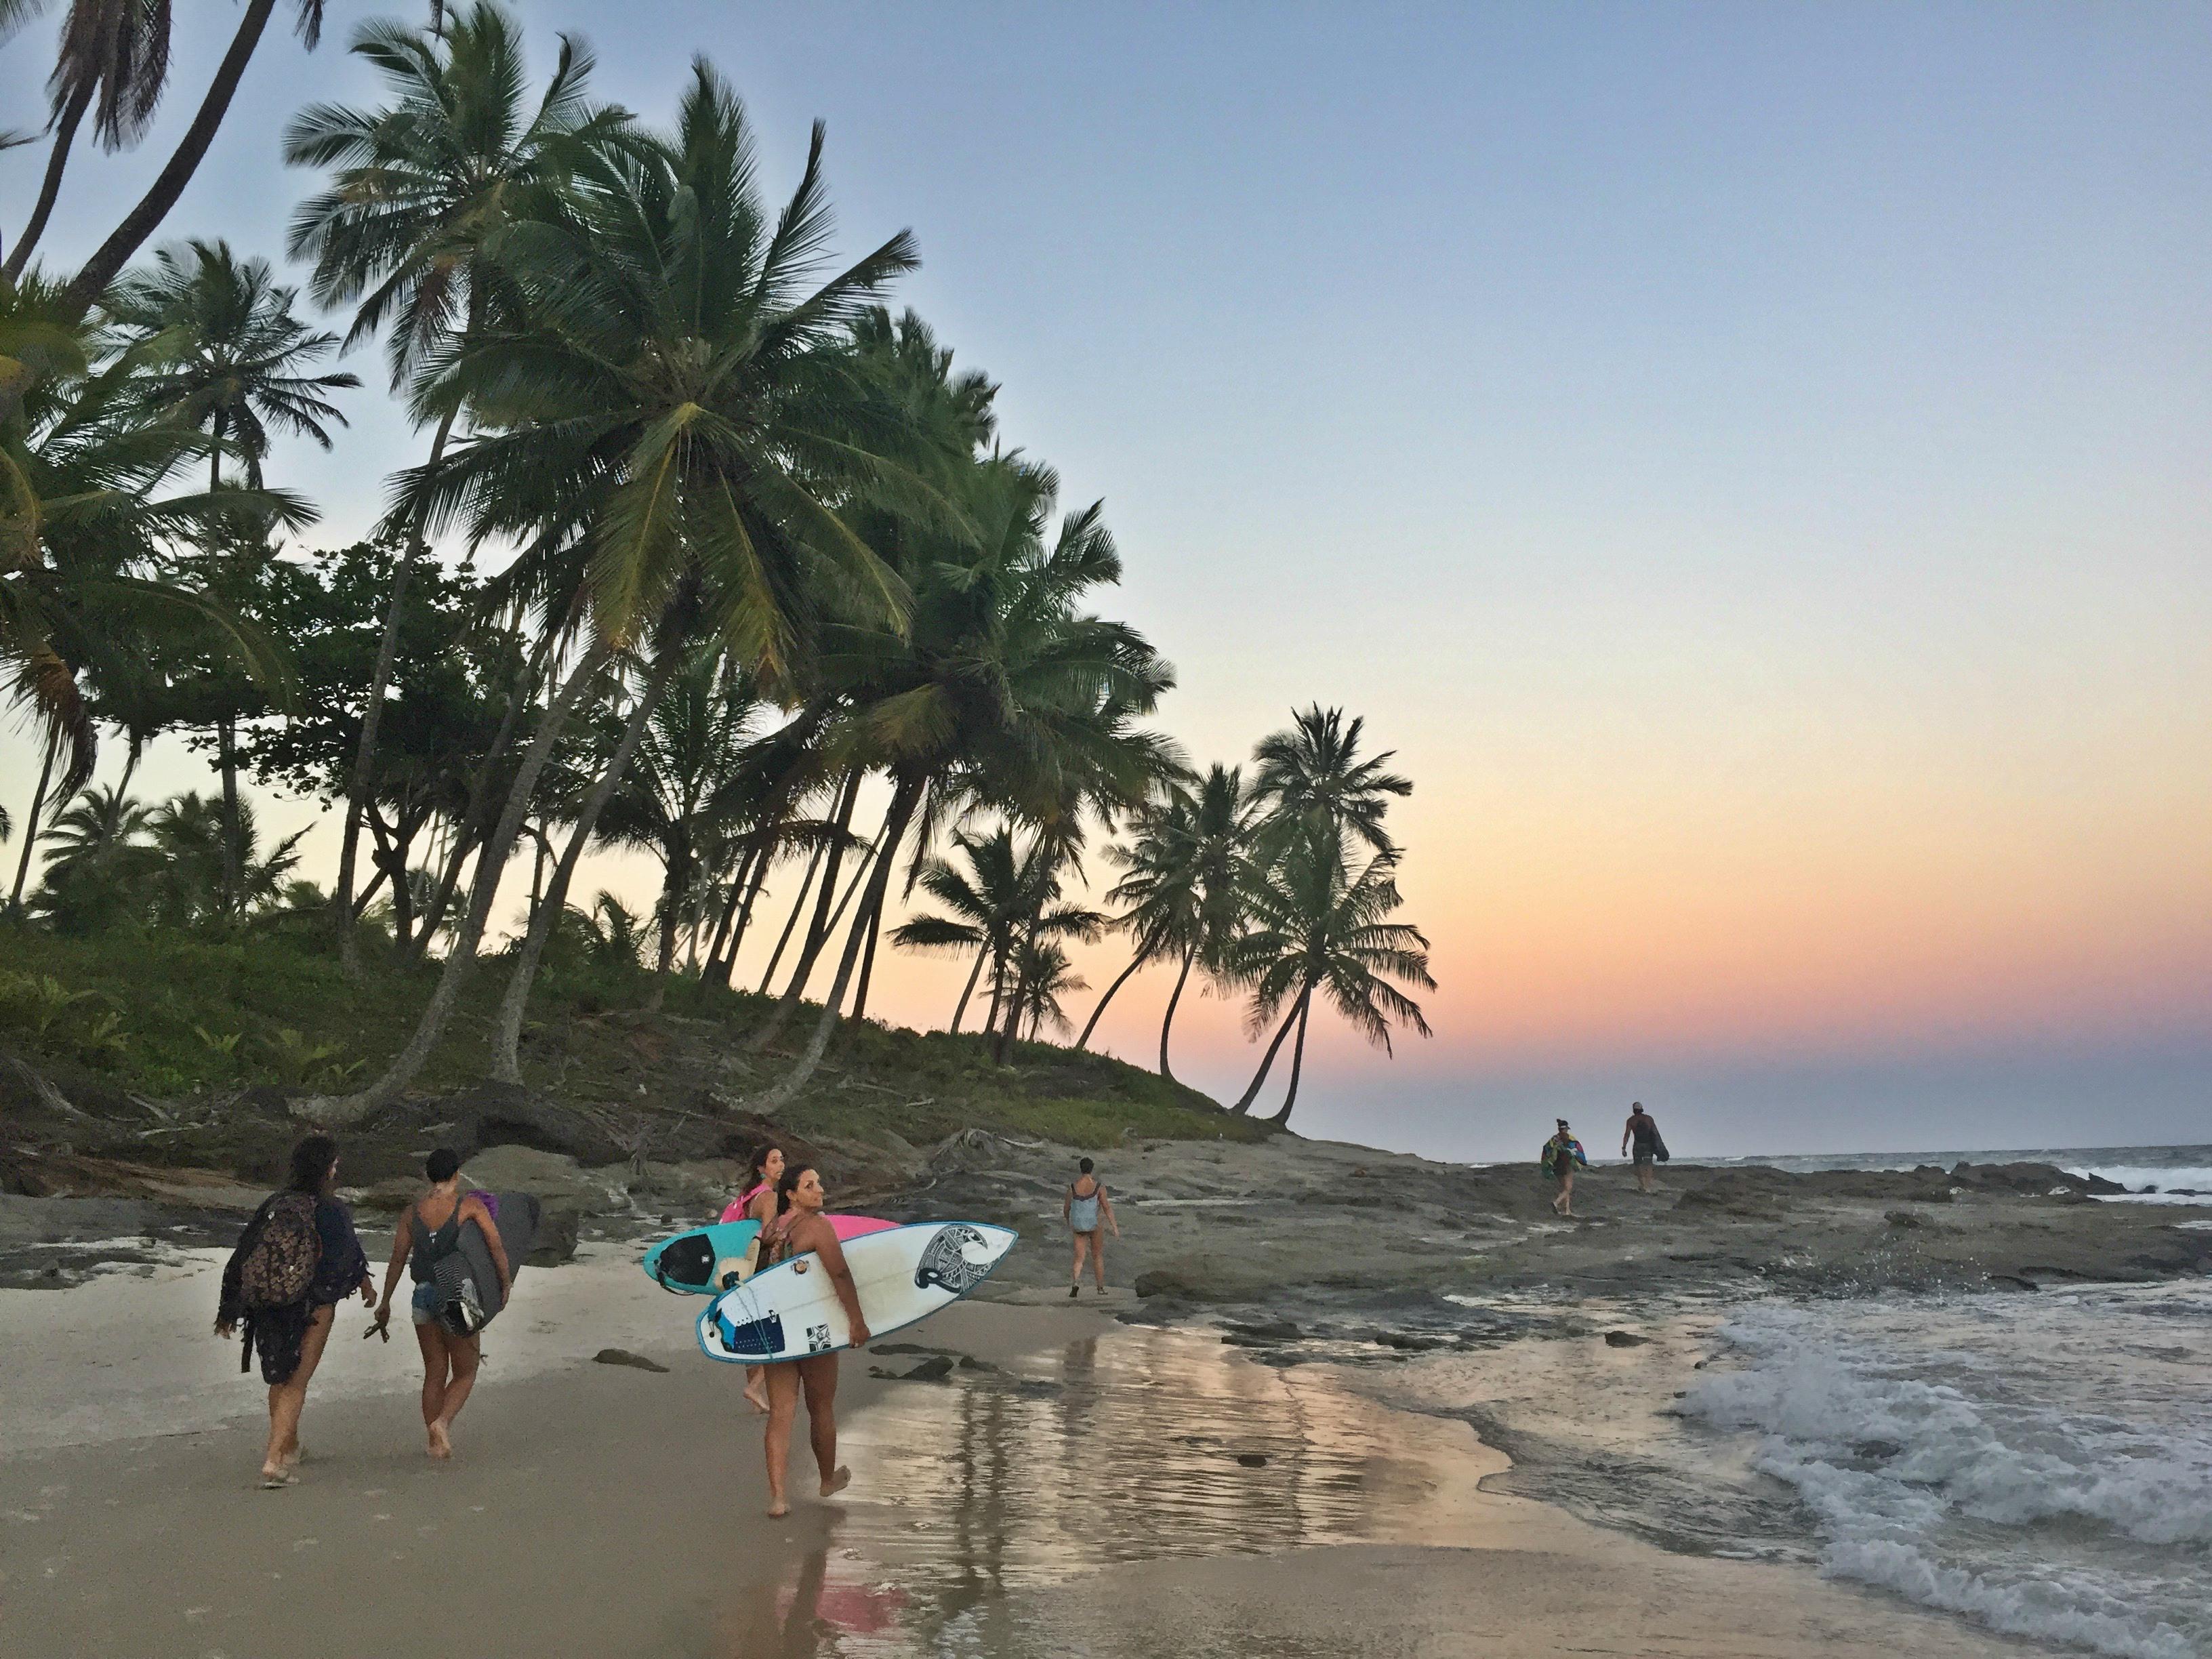 Vestindo a Alma, Blog de Lifestyle, Blog de Viagens, Dicas de viagens, praias do mundo, Bruna Villegas, melhores blogs de viagens, blog de viagens pelo mundo, blog estilo de vida, blogs de surf, blog surf trip, melhores blogs, itacare, surf em itacare, bahia